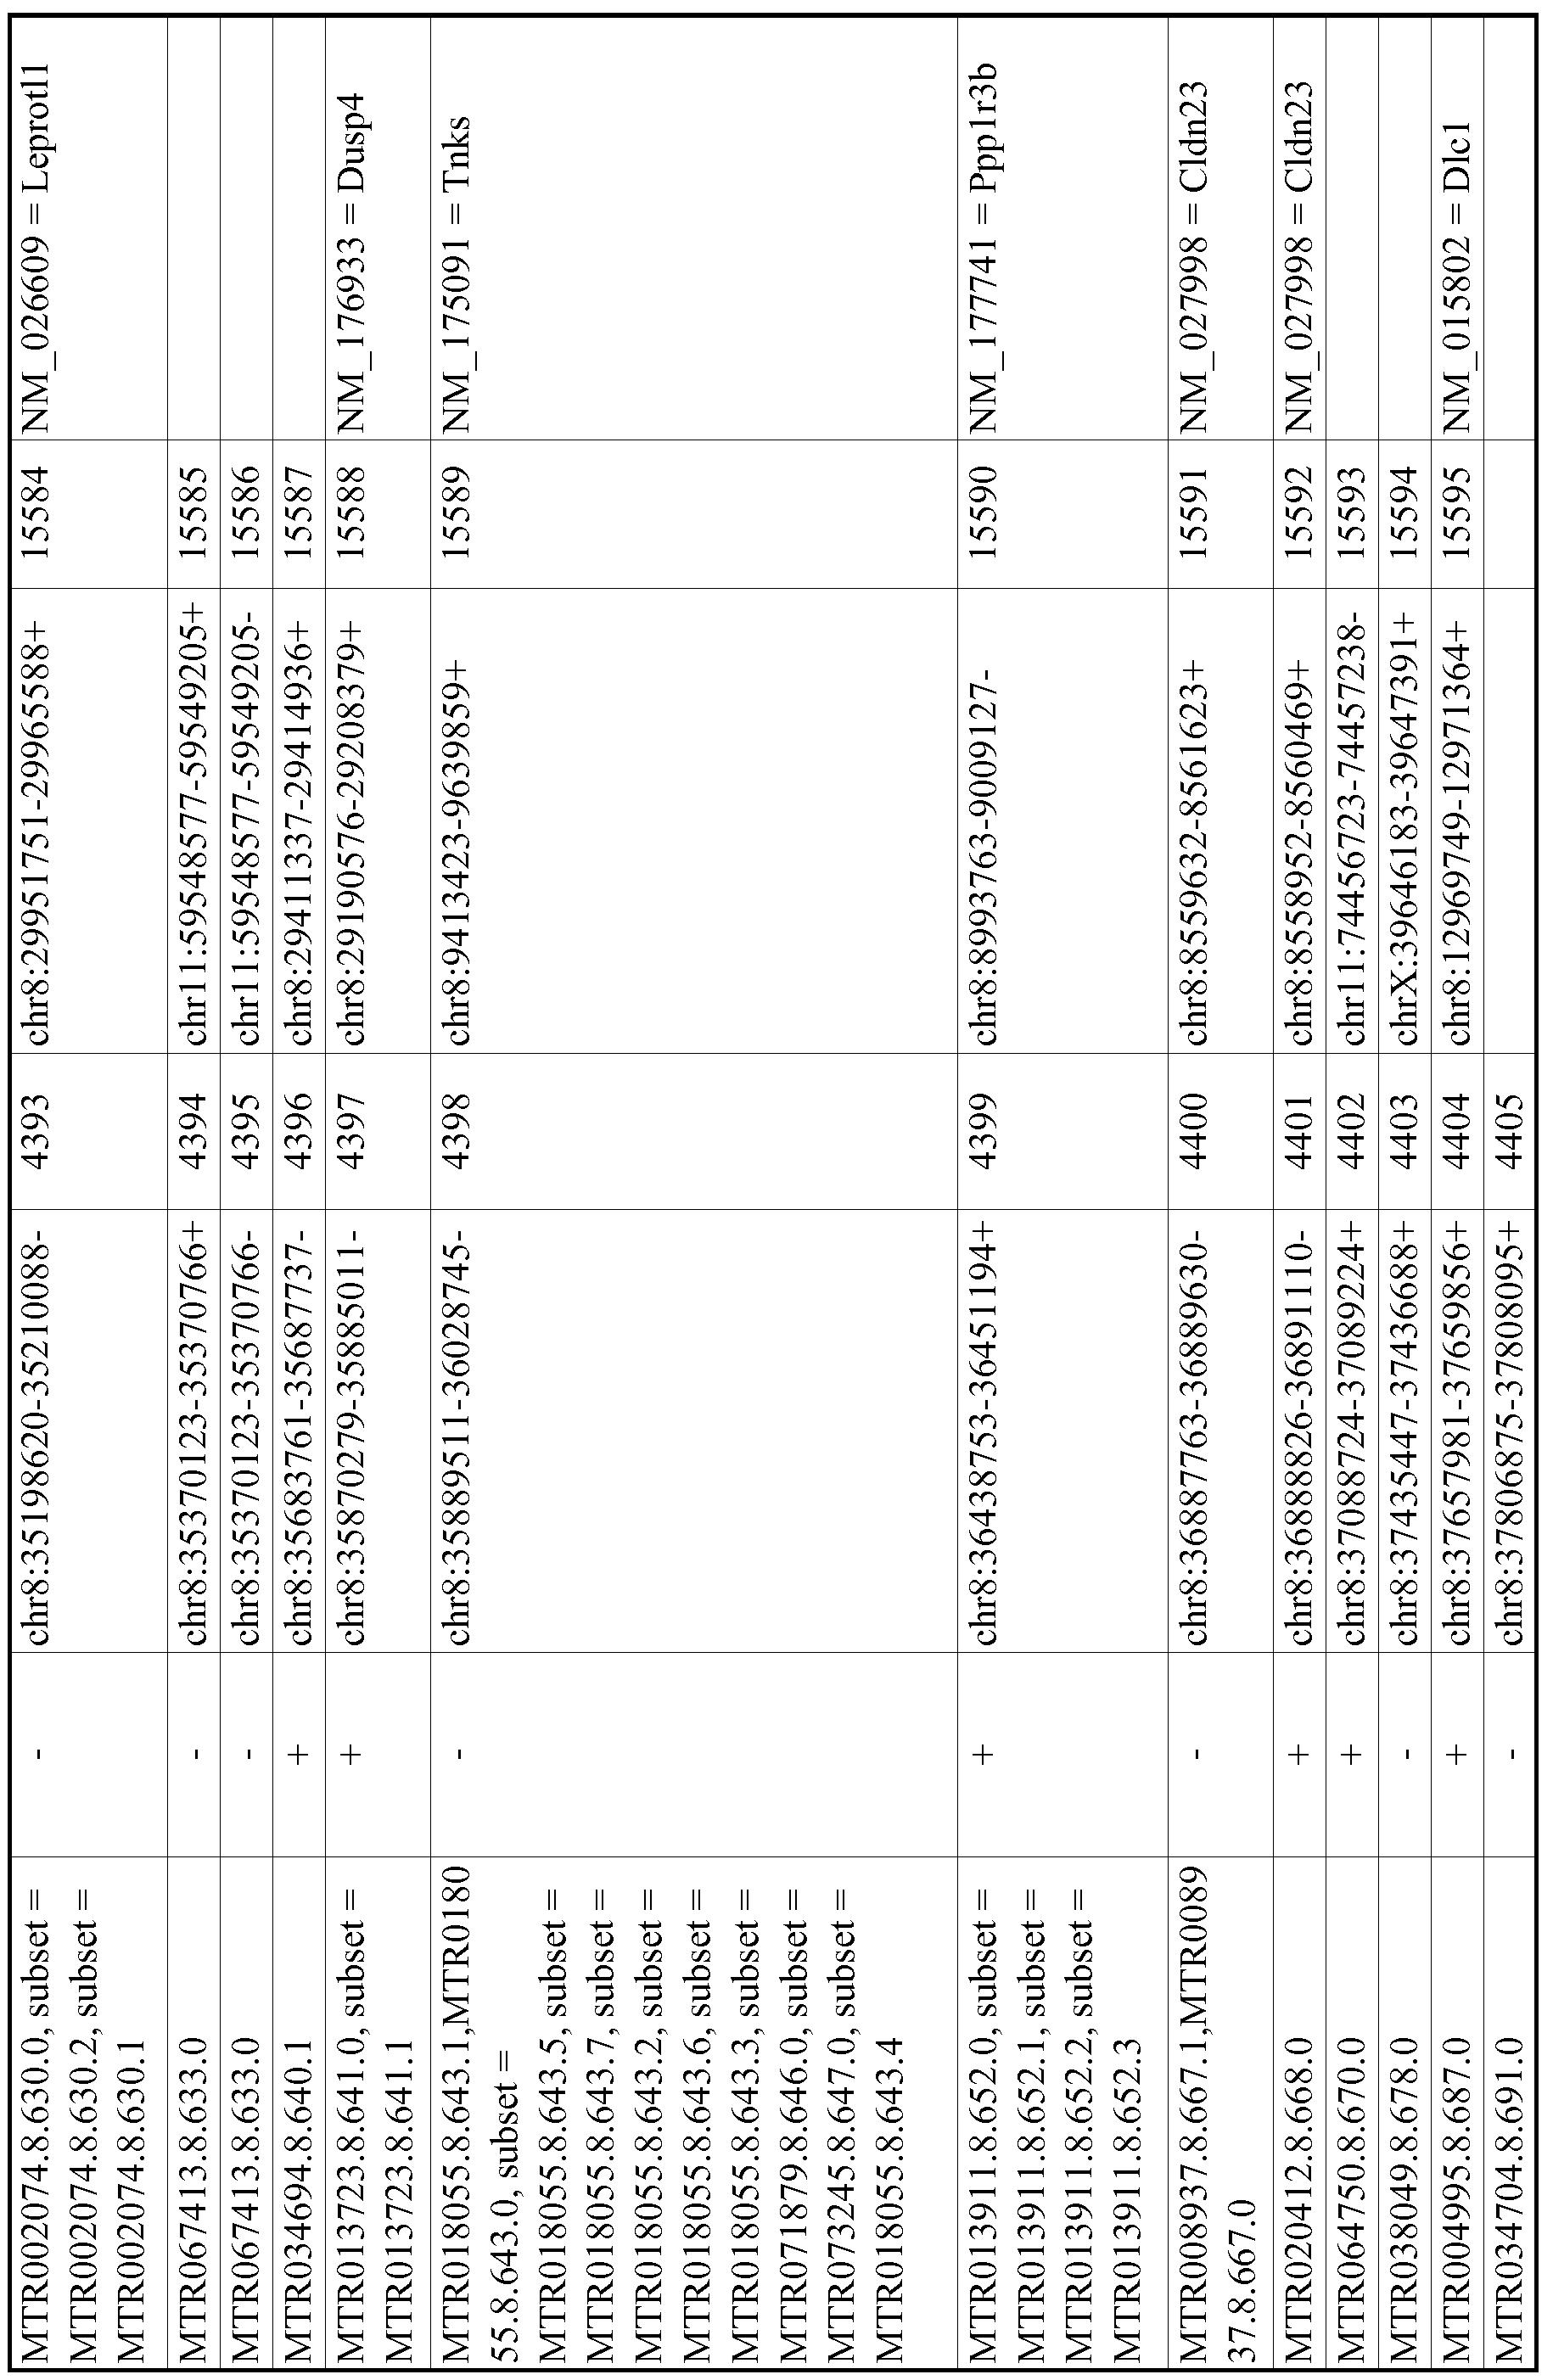 Figure imgf000821_0001